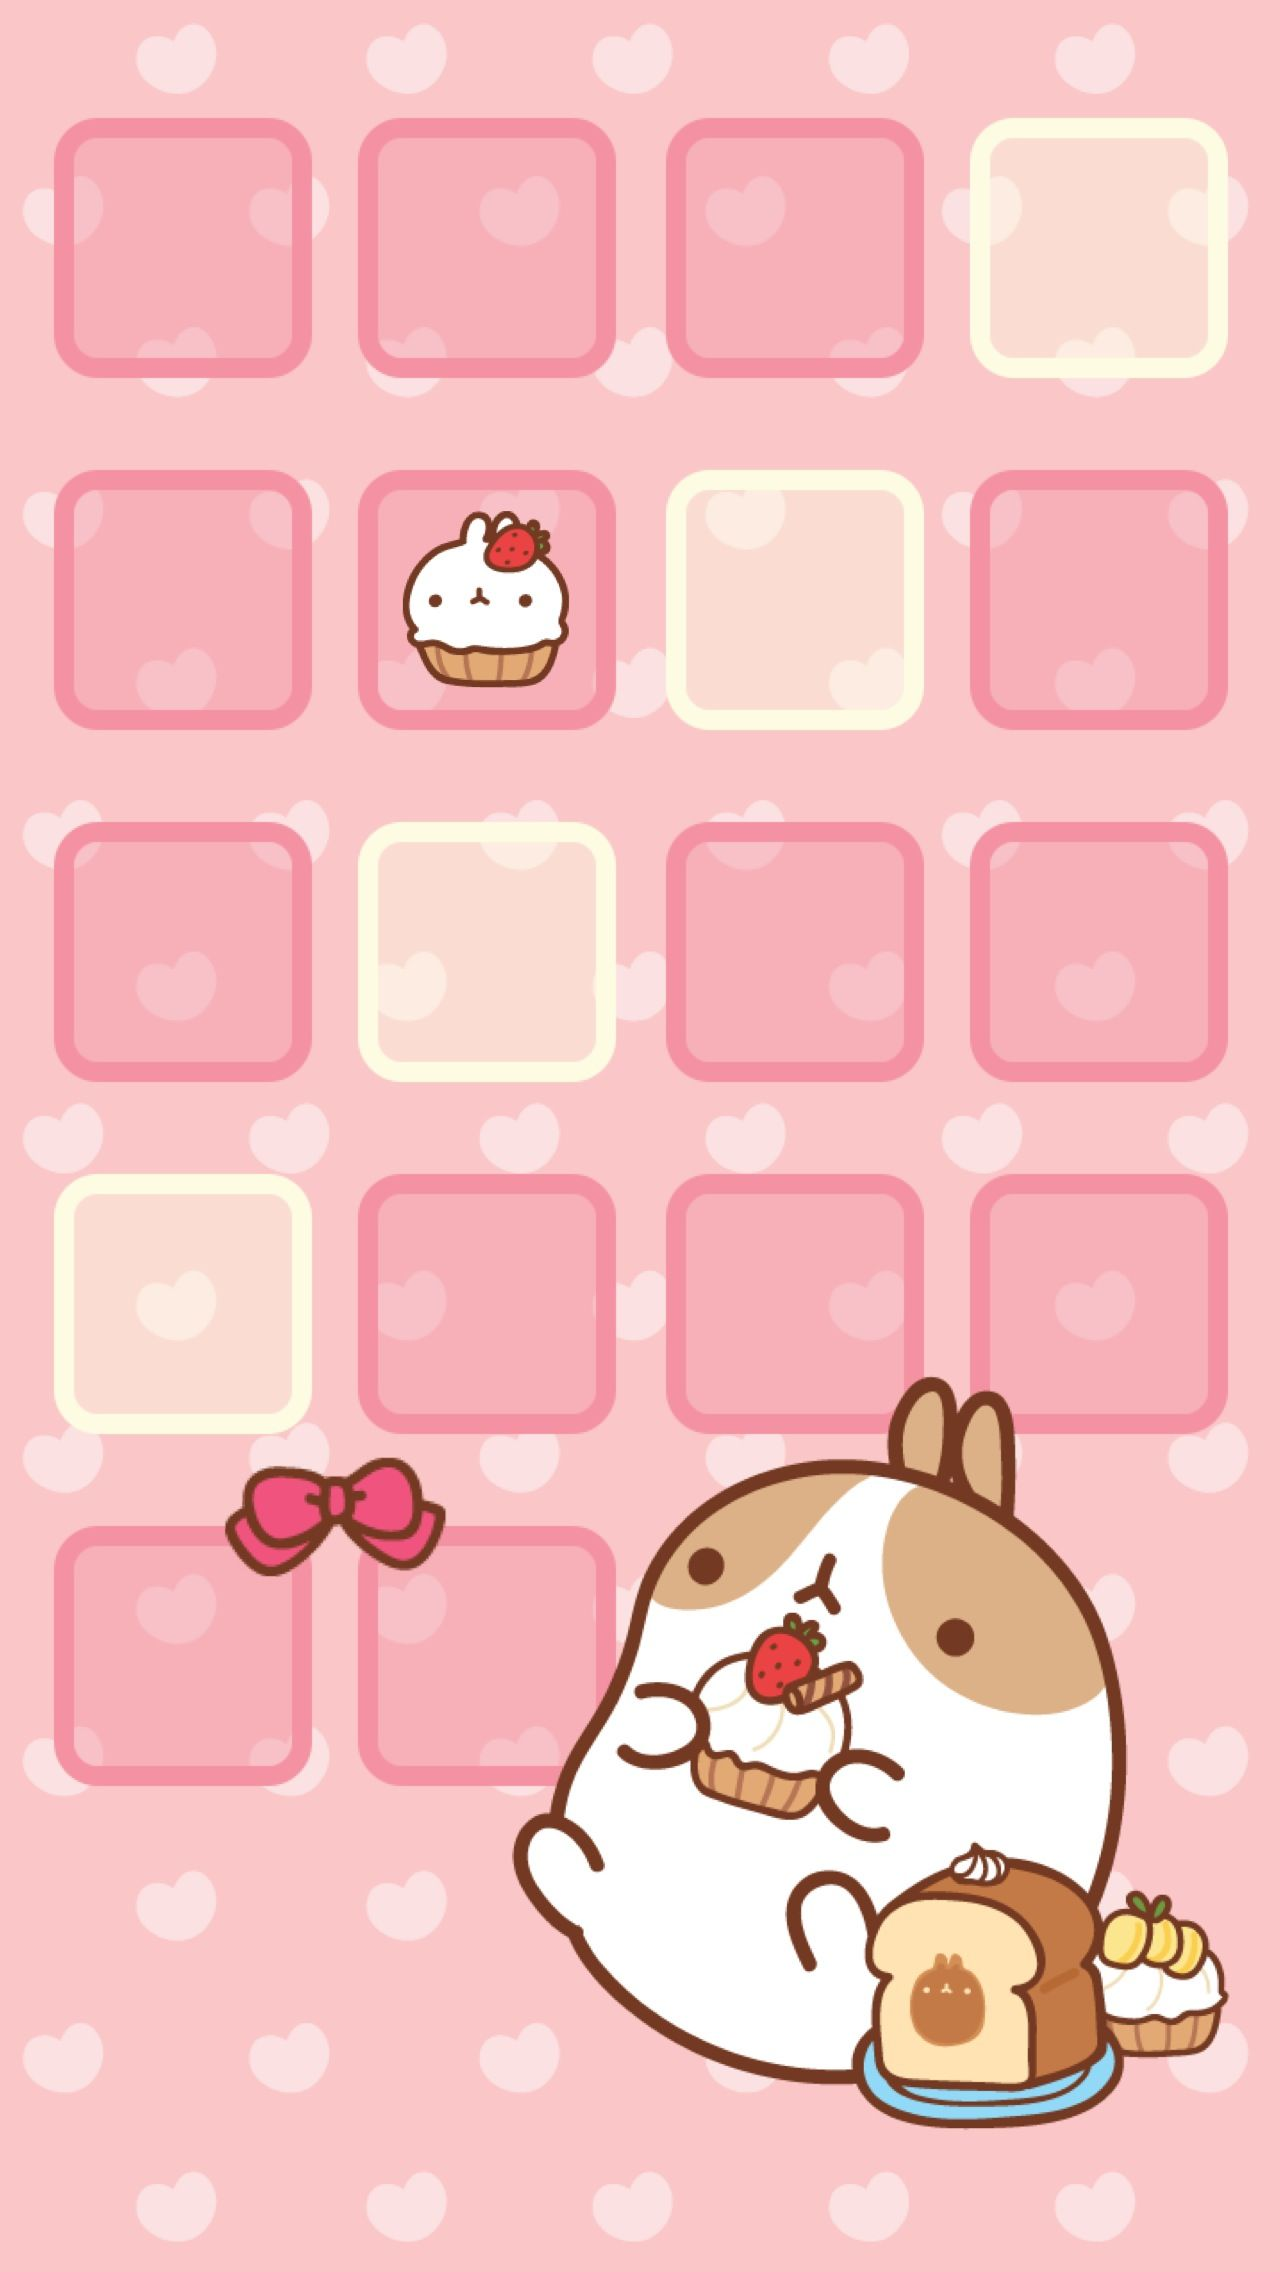 Kawaii Iphone Wallpapers Top Free Kawaii Iphone Backgrounds Wallpaperaccess